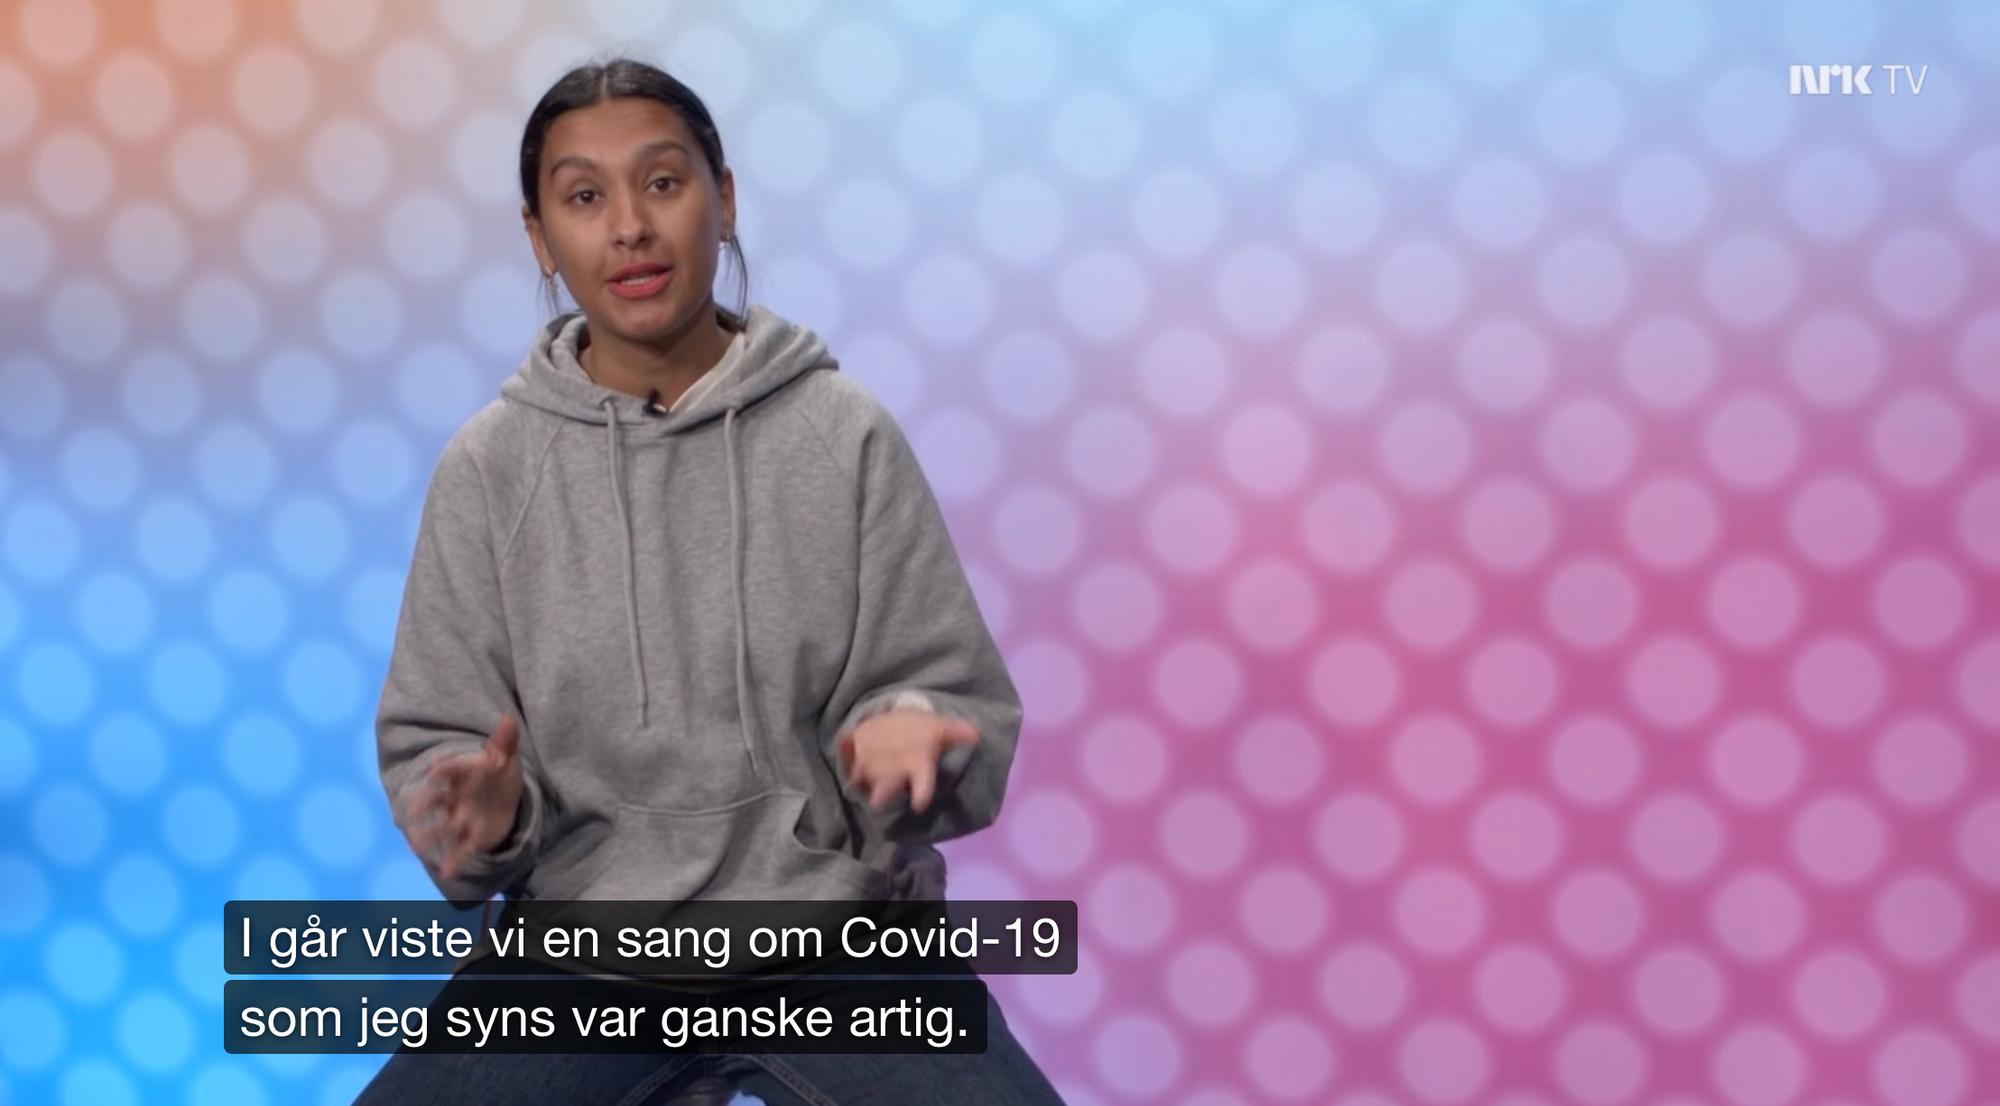 Klagestorm Mot Nrk Etter Supernytt Flere Mener Koronasang Er Rasistisk Medier24 No